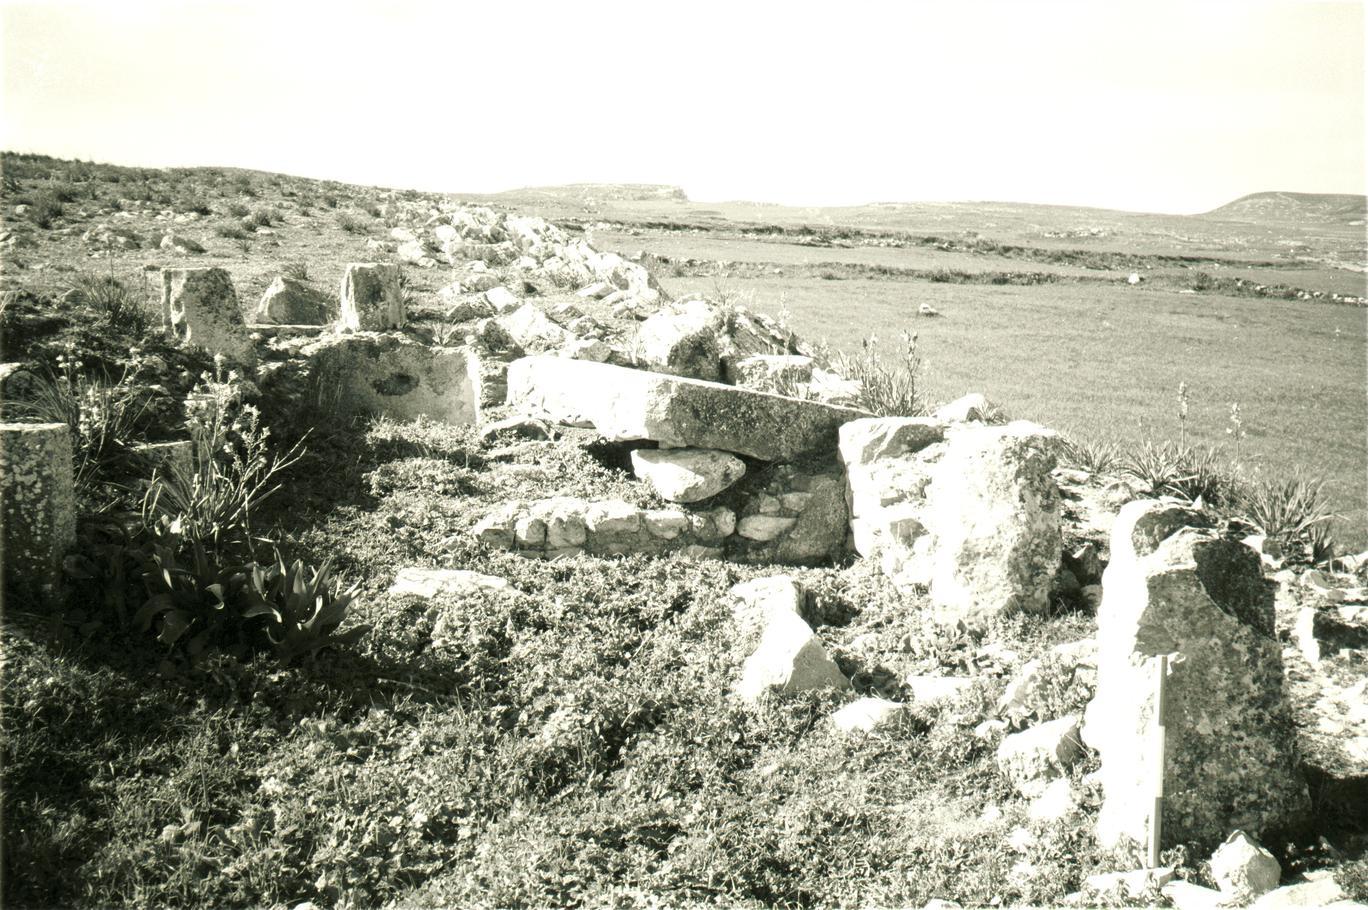 A site: DU522